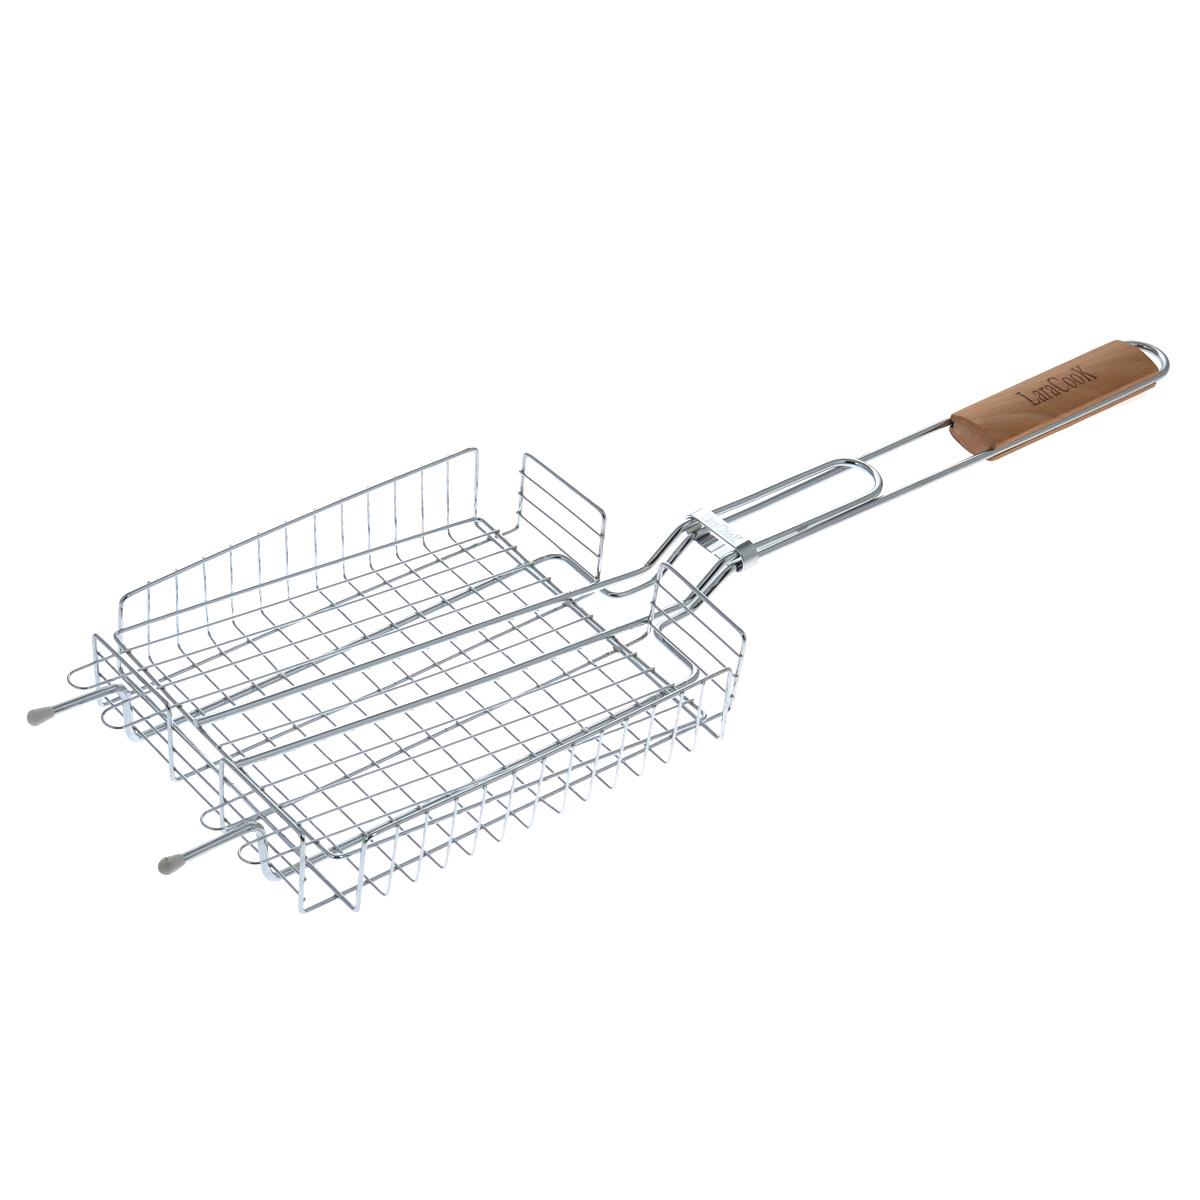 Решетка-гриль глубокая Laracook, 25 см х 20 смLC-1300Решетка-гриль Laracook изготовлена из нержавеющей стали. Приготовление вкусных блюд из рыбы, мяса или птицы на пикнике становится еще более быстрым и удобным с использованием решетки-гриль. Верхняя прижимная сетка решетки регулируется по высоте и позволяет готовить продукты разной толщины. Высокие бортики не дадут упасть продуктам на угли при перевороте решетки. Решетка-гриль отлично подходит для мангала. Удобная для обхвата деревянная ручка помогает легче переворачивать решетку и делает ее использование более безопасным. Размер решетки: 25 см х 20 см х 5 см. Длина ручки: 37 см.